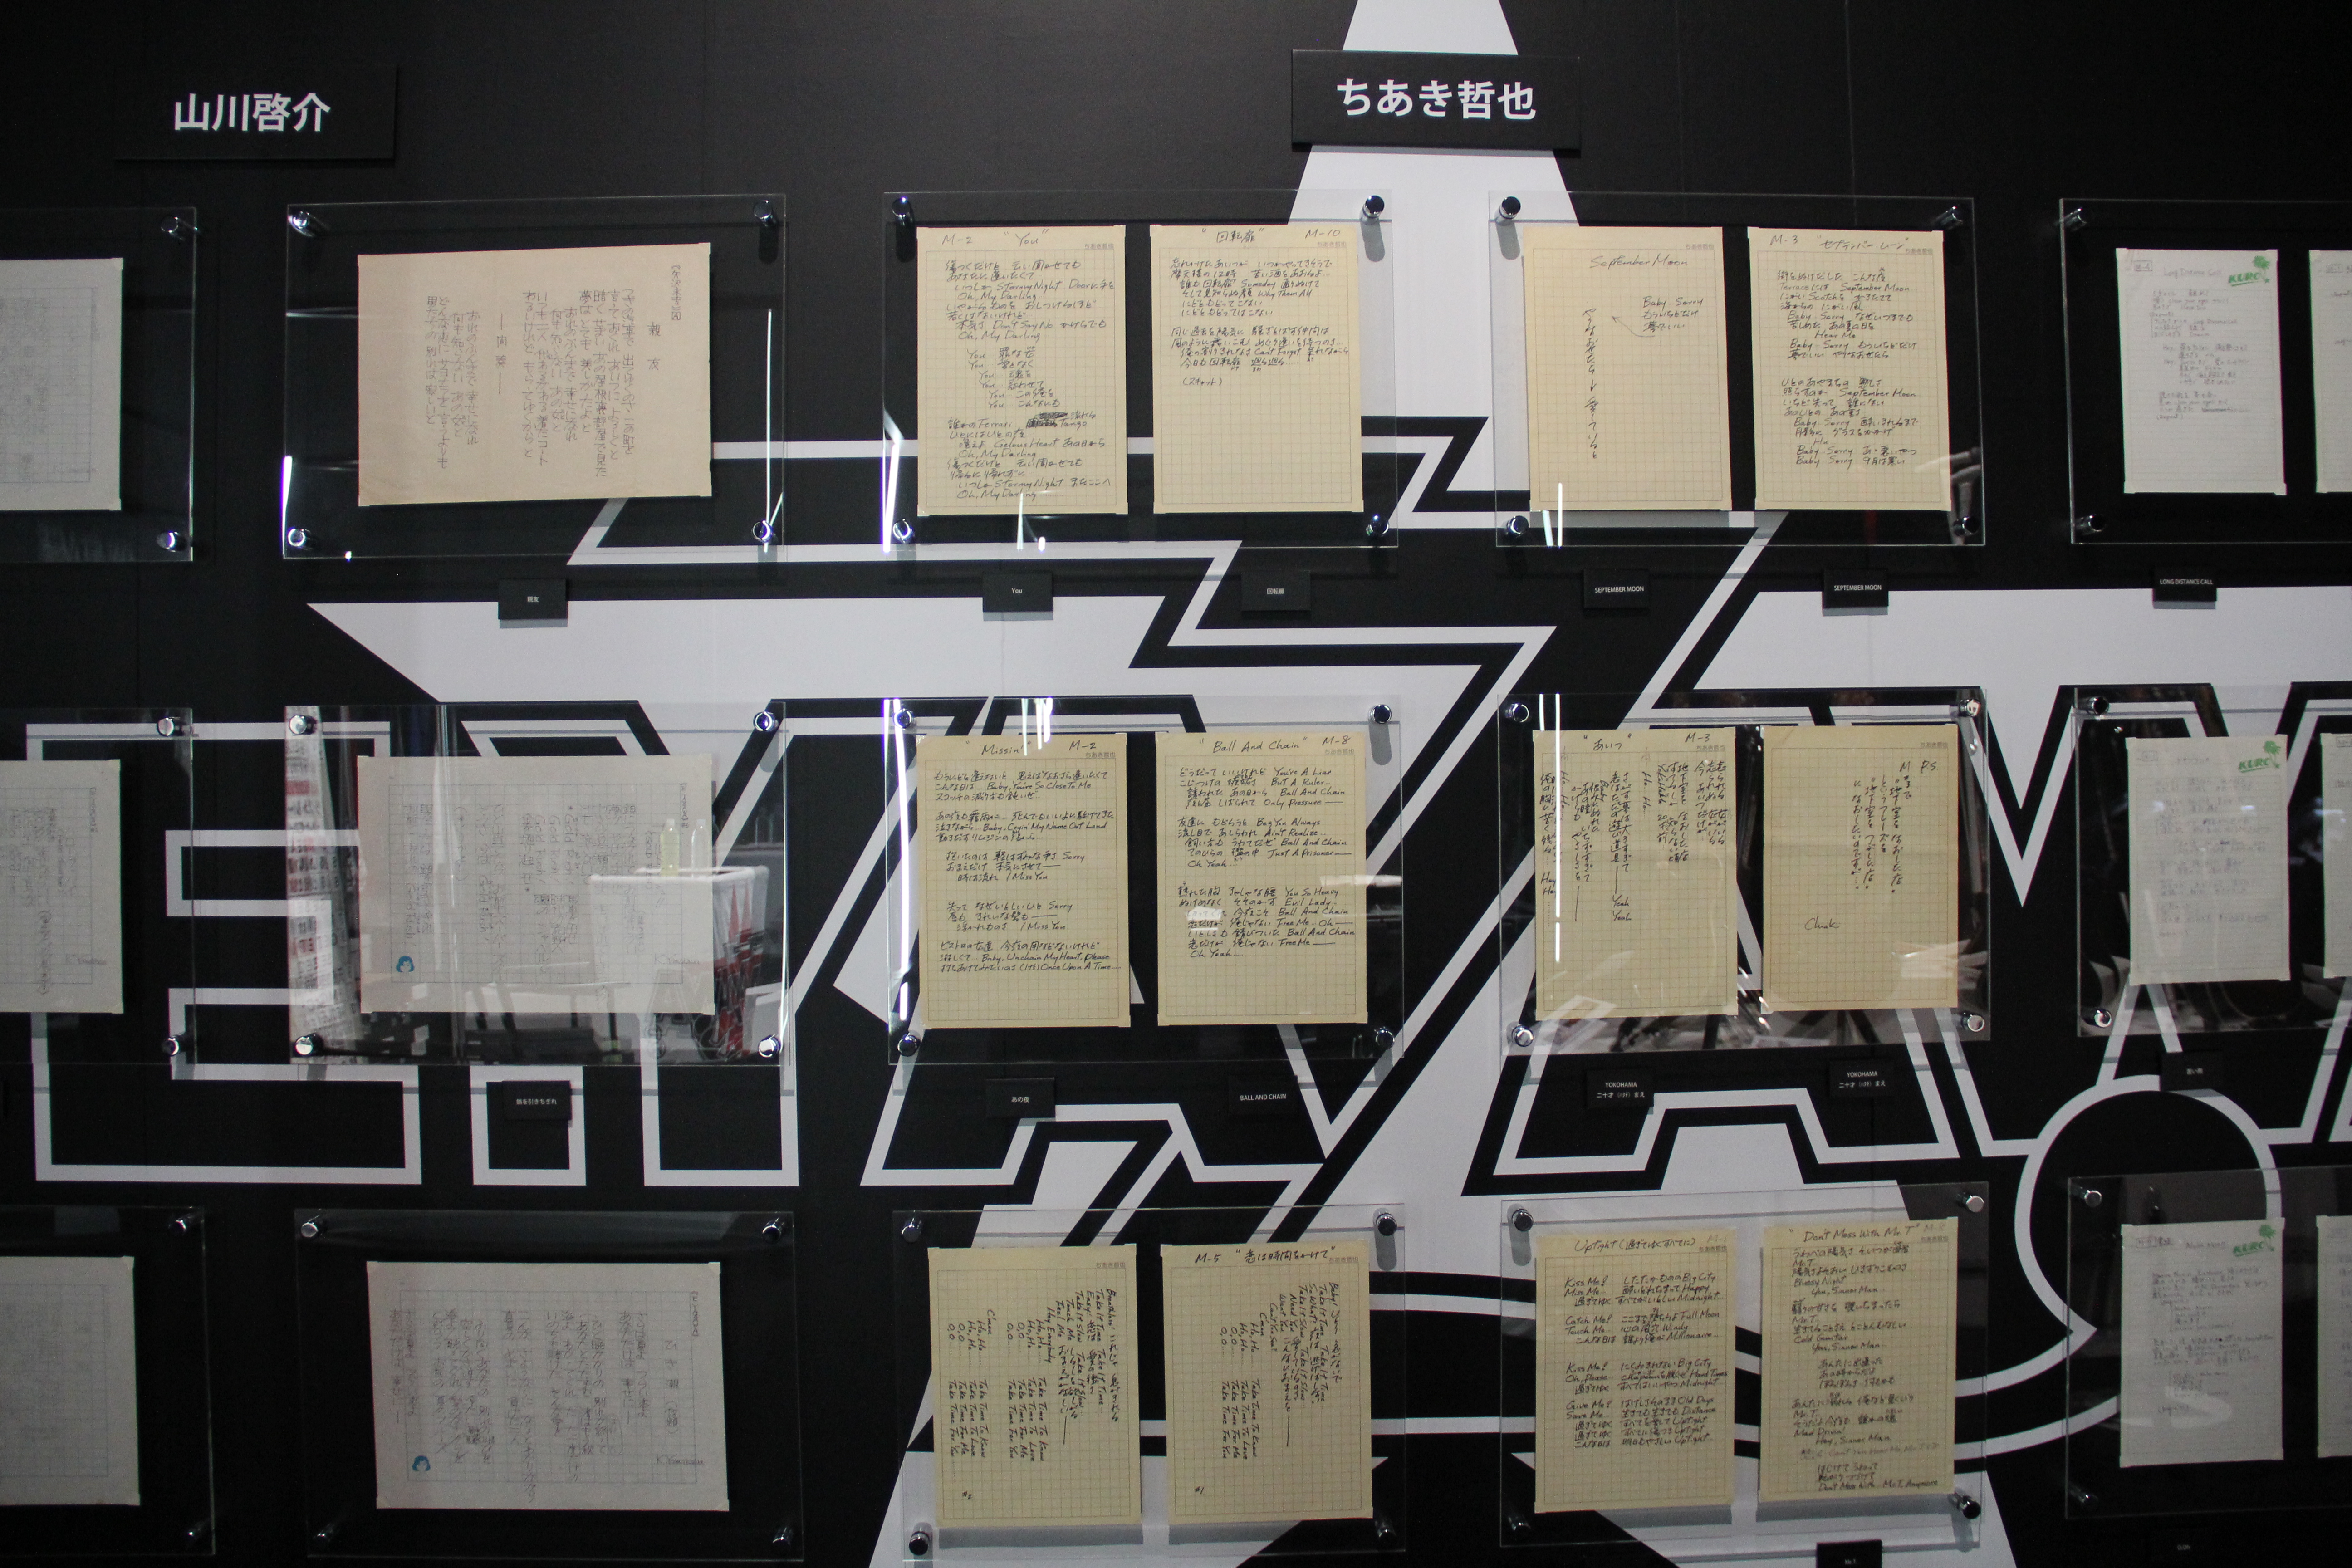 作詞家・山川啓介が作詞を手掛けた『チャイナタウン』や、作詞家・ちあき哲也が手掛けた『YOU』などの手書き原稿